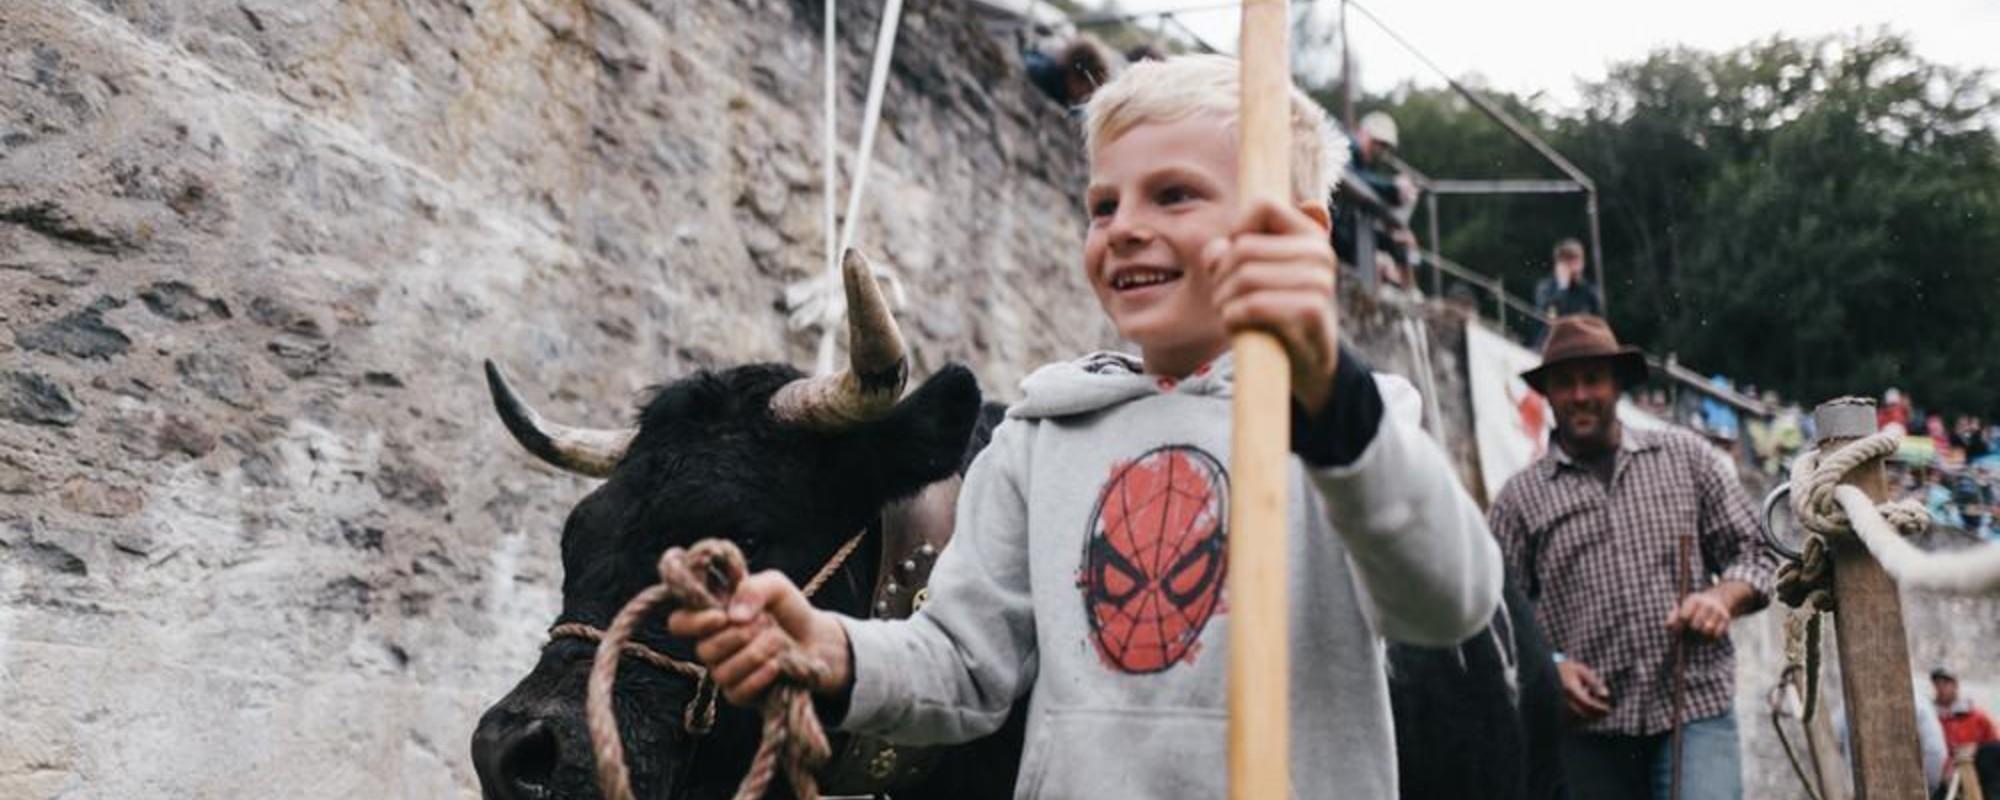 Φωτογραφίες από το Παραδοσιακό Τουρνουά Αγελαδομαχιών της Ελβετίας